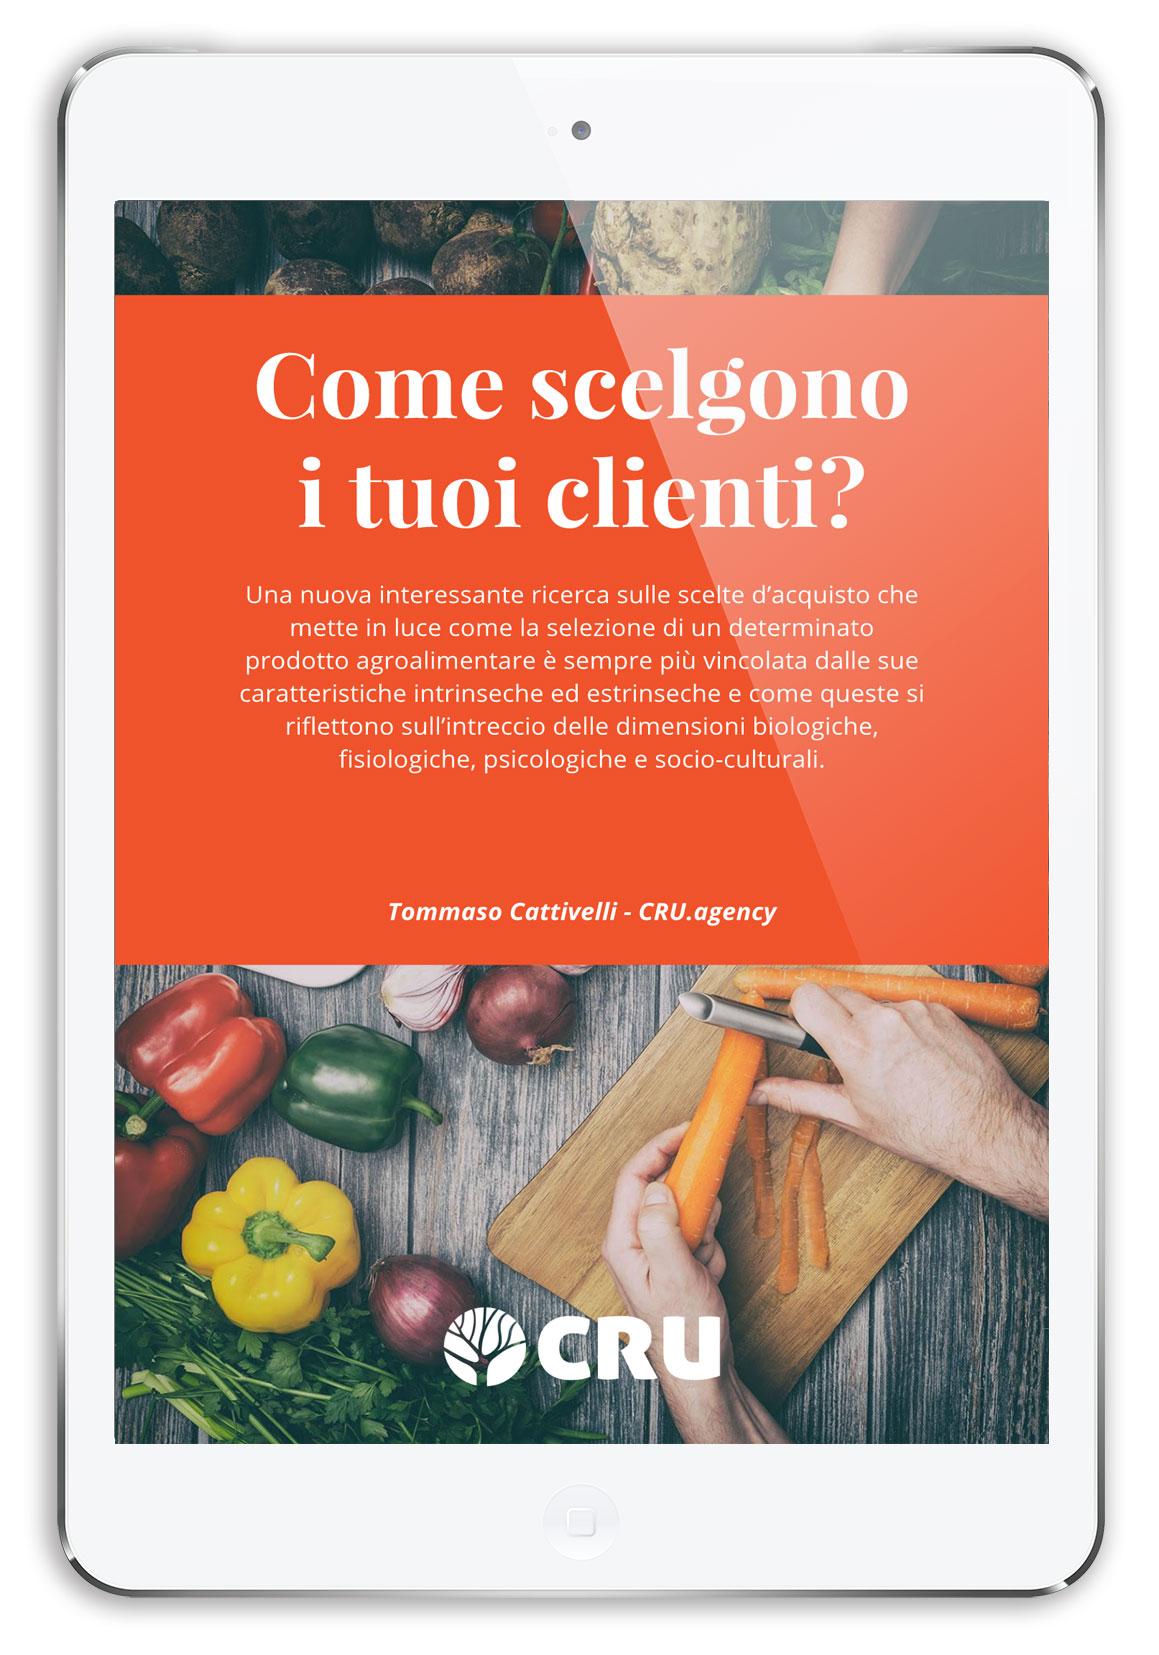 ebook-cru-agency-come-scelgono-i-tuoi-clienti.jpg